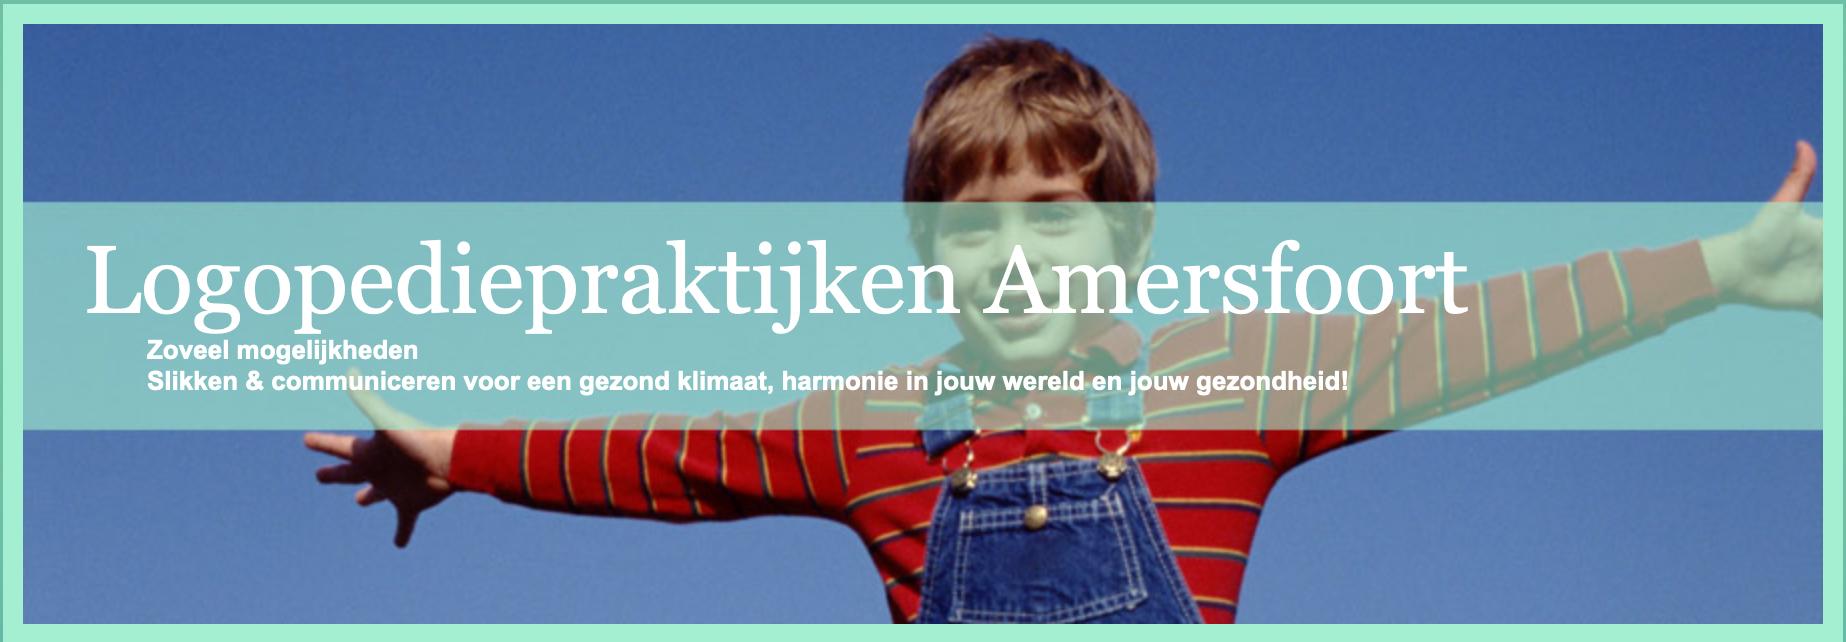 Logopediepraktijken Amersfoort